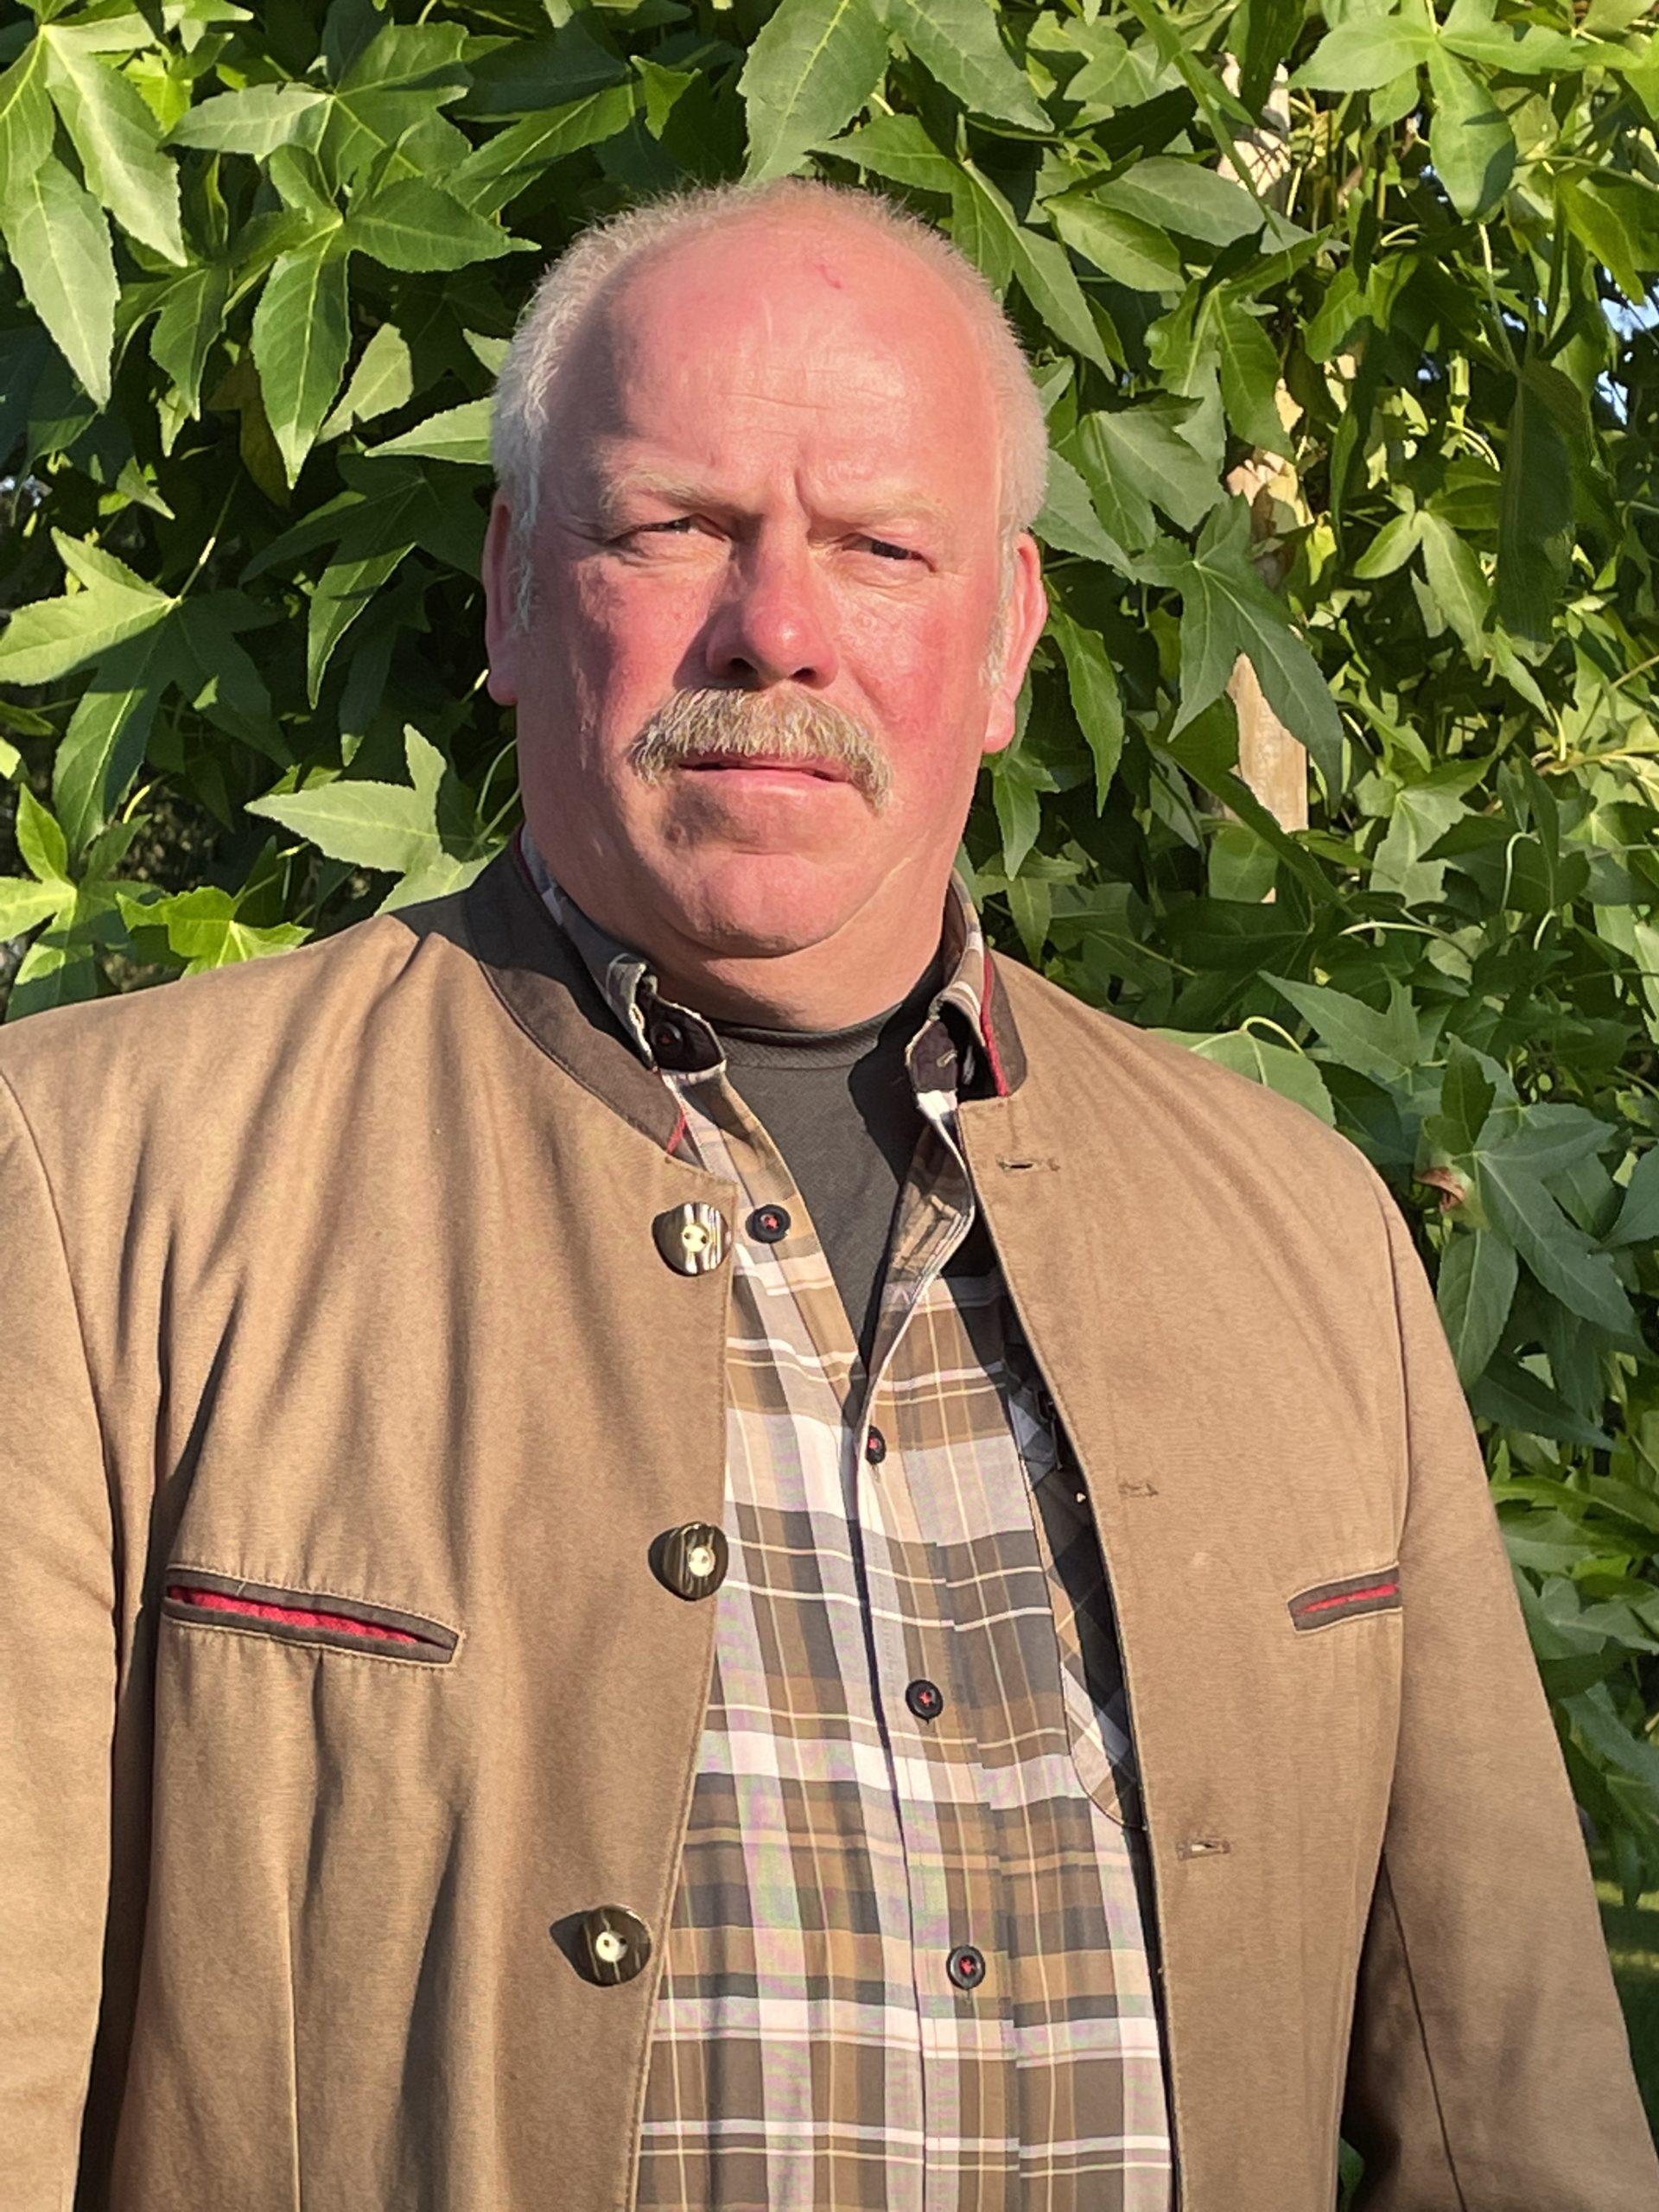 Helmut Sterrenberg